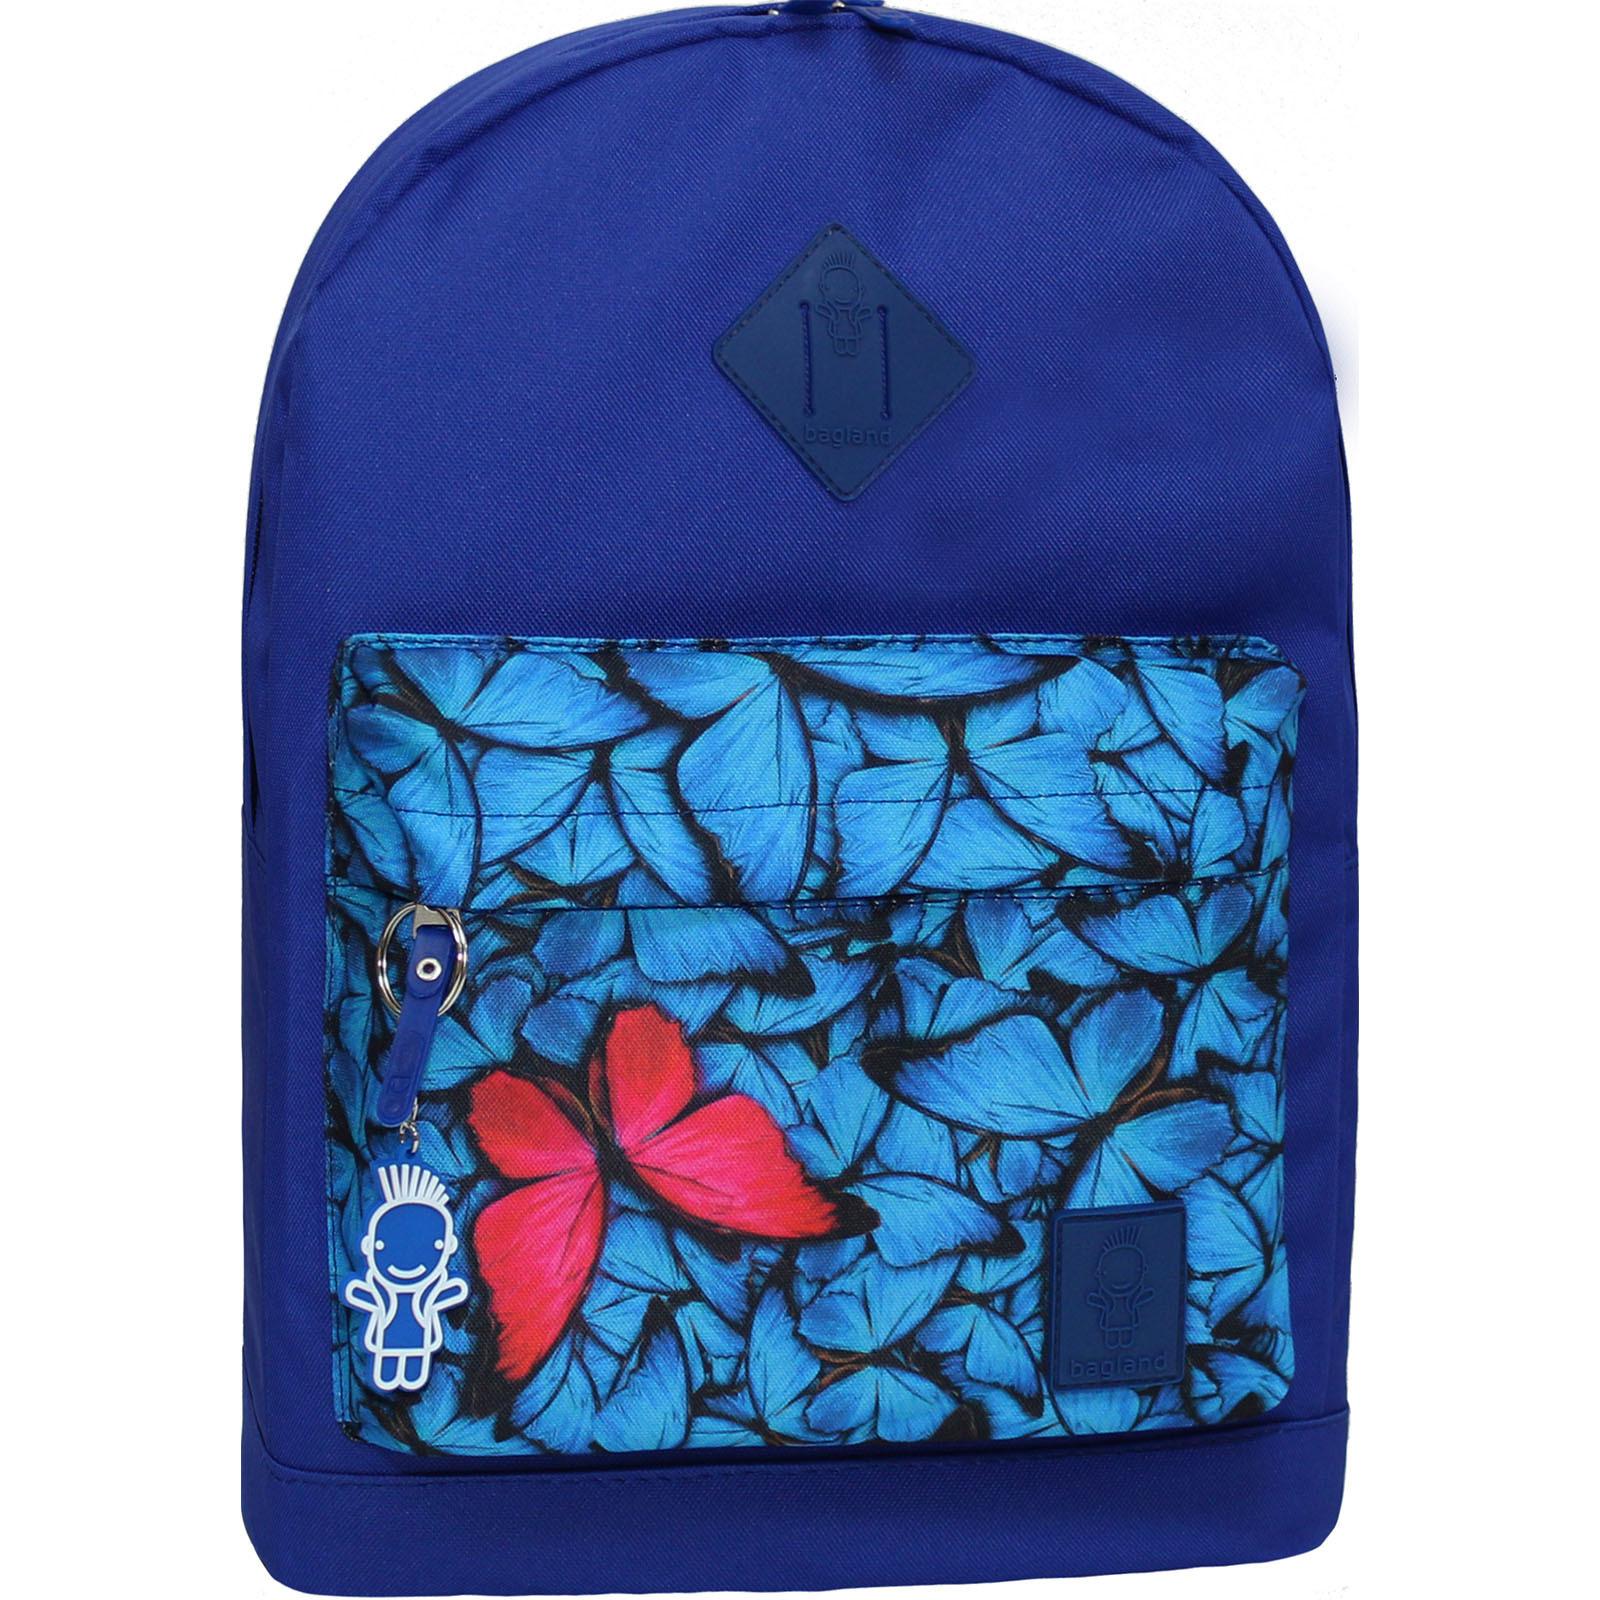 Городские рюкзаки Рюкзак Bagland Молодежный W/R 17 л. электрик 182 (00533662) Без_имени-19_182.jpg